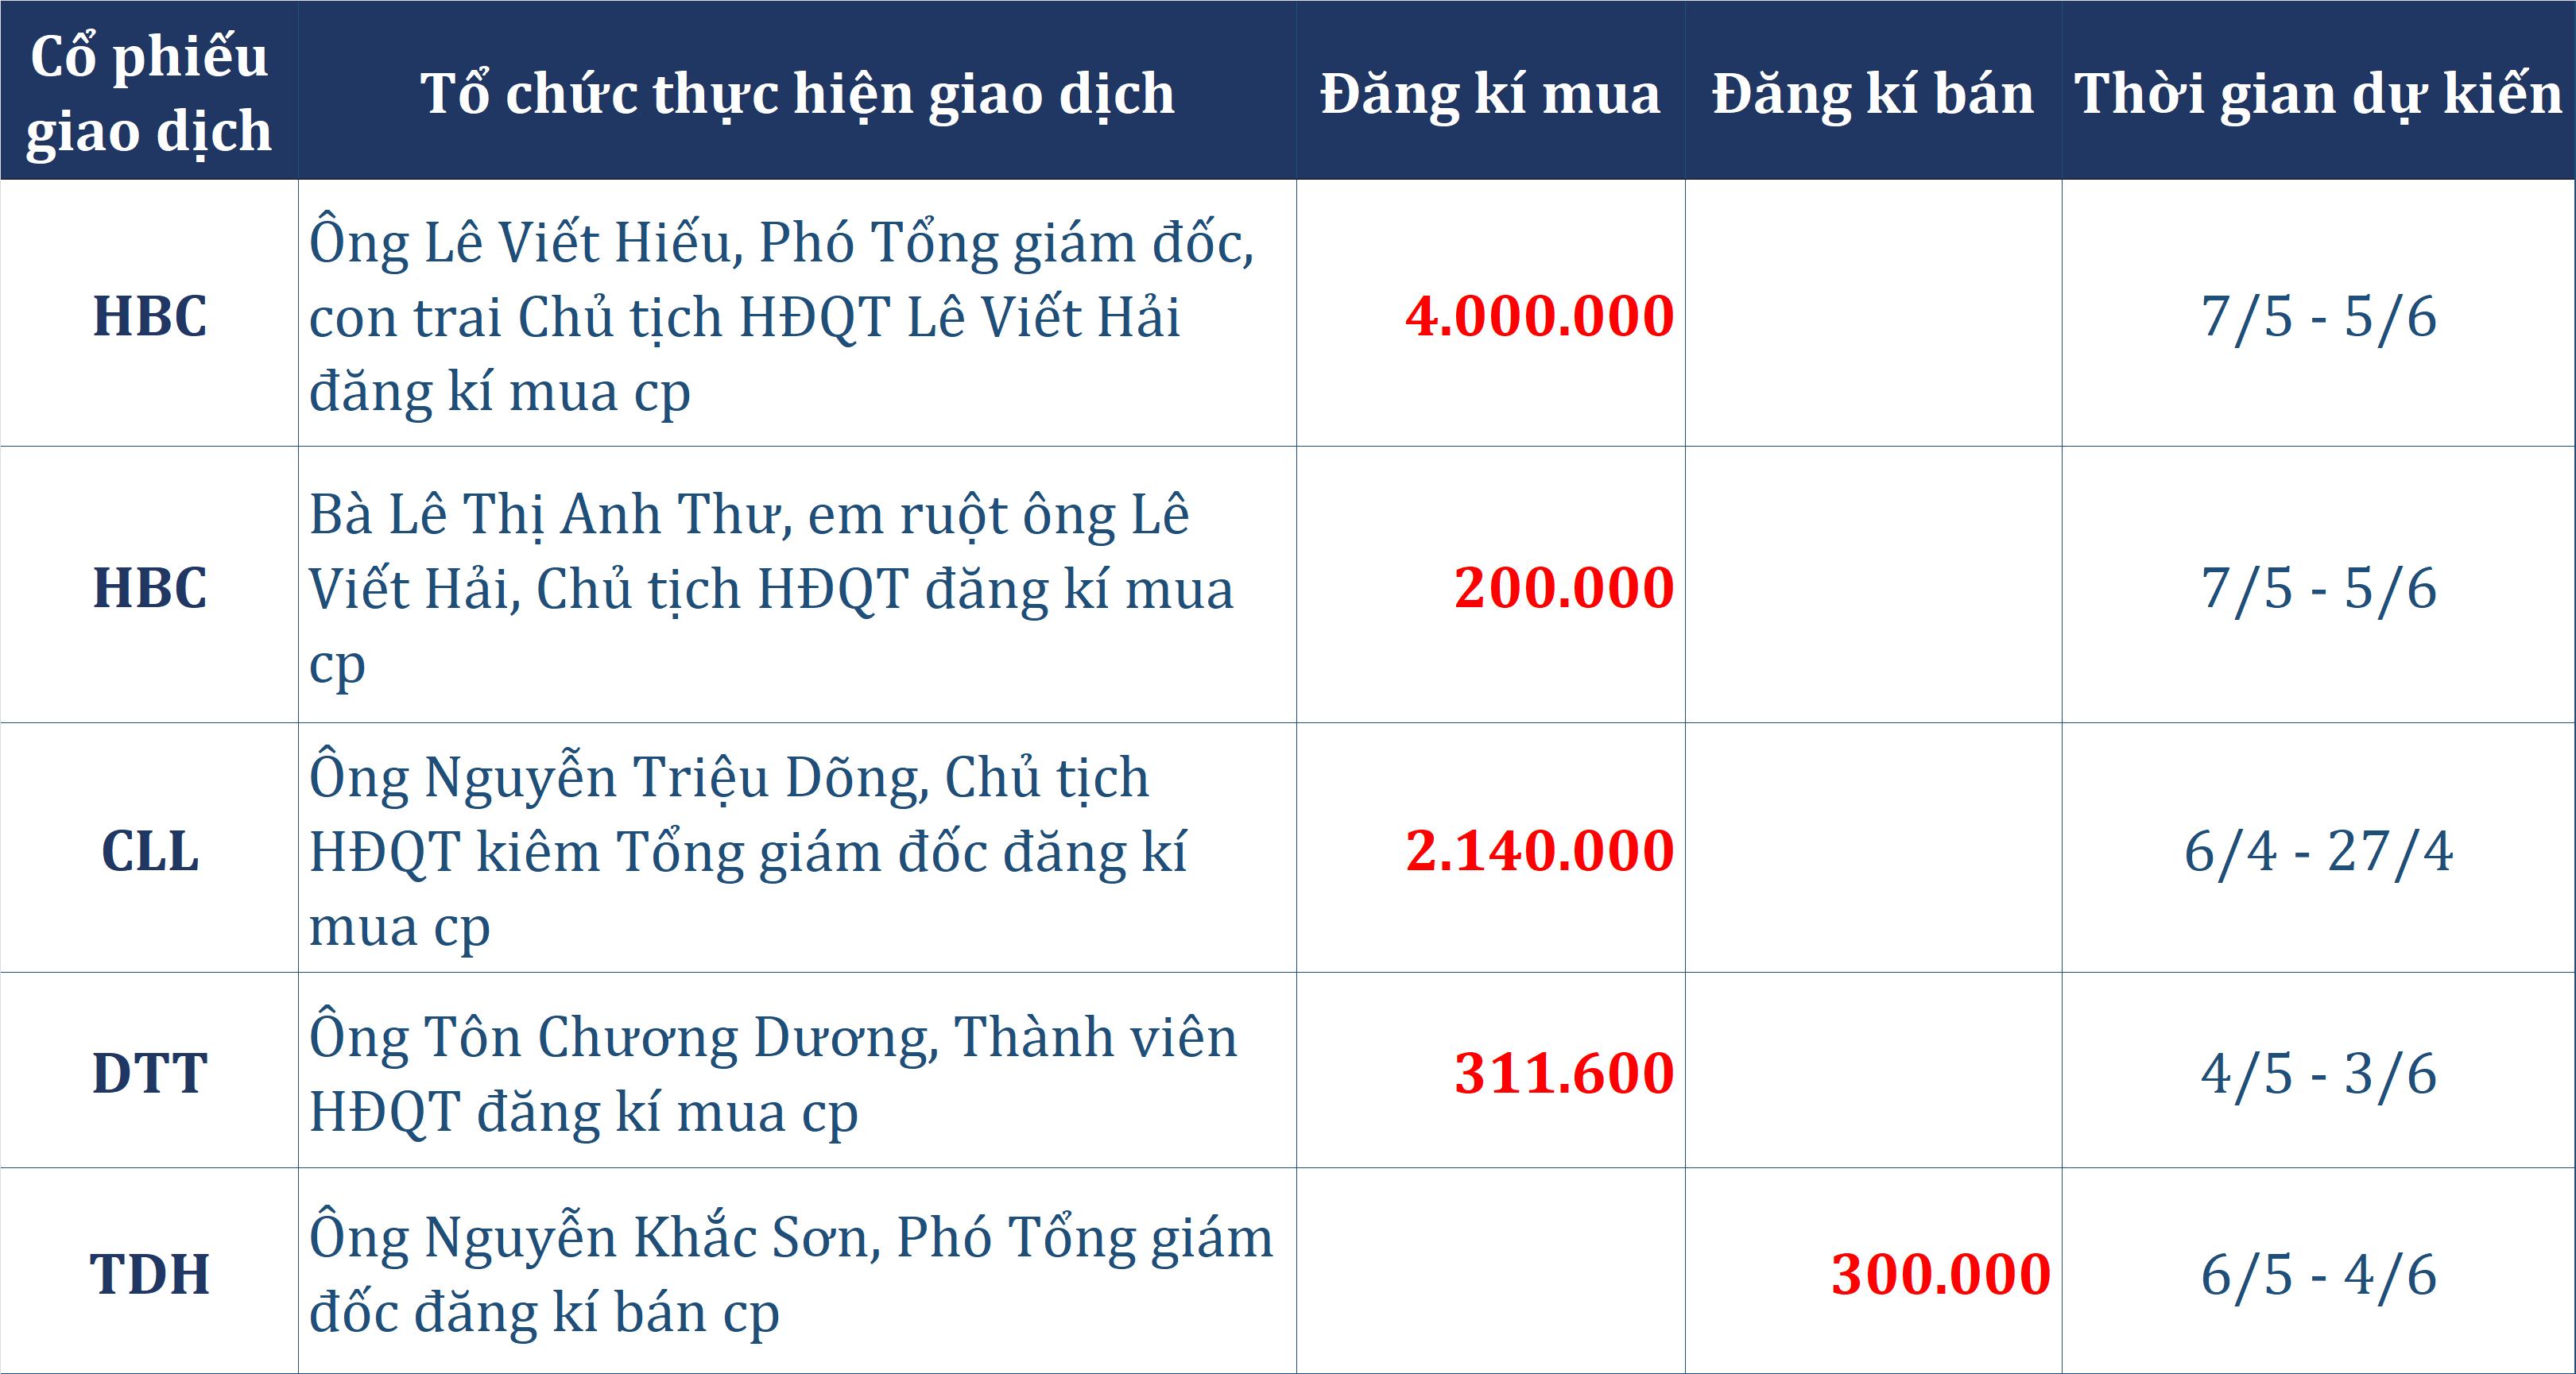 Tự doanh cùng khối ngoại xả hơn 500 tỉ đồng phiên cuối tuần, người nhà Chủ tịch Lê Viết Hải đăng kí mua 4,2 triệu cp HBC - Ảnh 2.